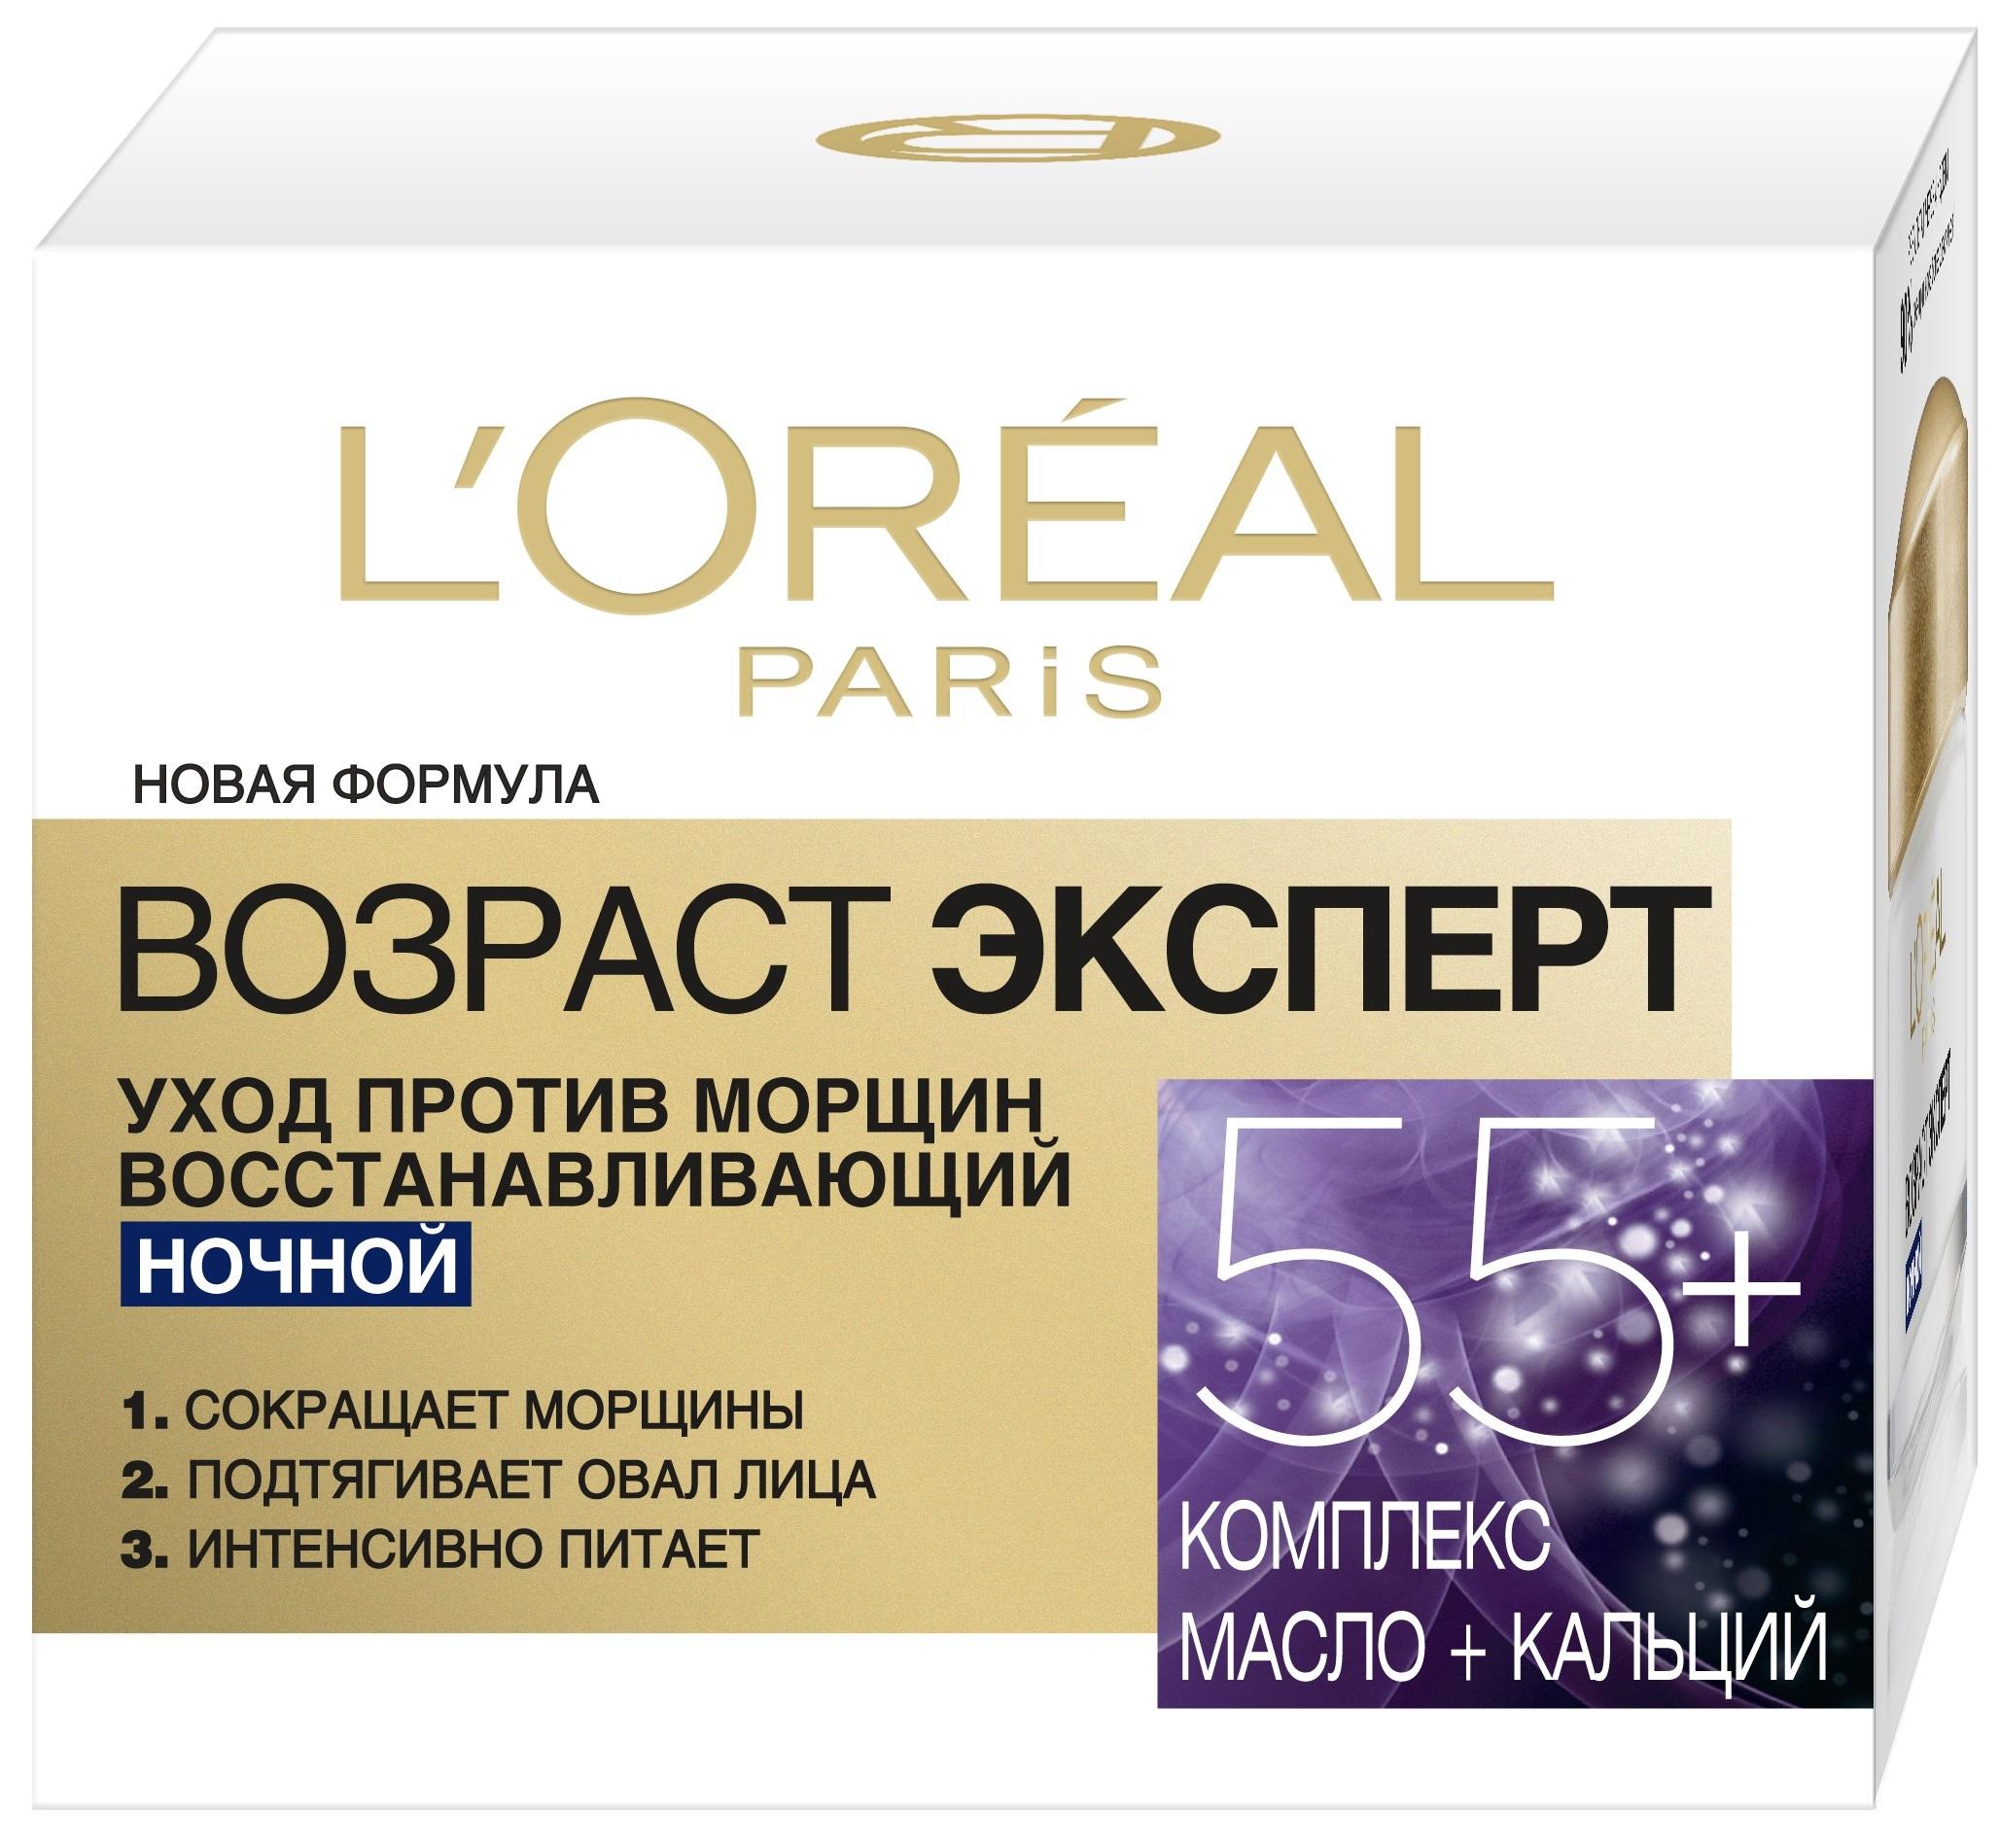 LOreal Paris Ночной антивозрастной крем Возраст эксперт 55+ против морщин, восстанавливающий, 50 млA8126300Ночной антивозрастной крем для лица «Возраст Эксперт 55+» от Лореаль Париж — эффективное средство для борьбы с признаками старения. Уникальная формула крема работает одновременно в трёх направлениях: сокращает морщины, подтягивает овал лица и интенсивно питает кожу. Комплекс масел интенсивно питает кожу, предотвращая возникновение ощущения сухости и стянутости, кальций способствует восстановлению защитного барьера кожи.